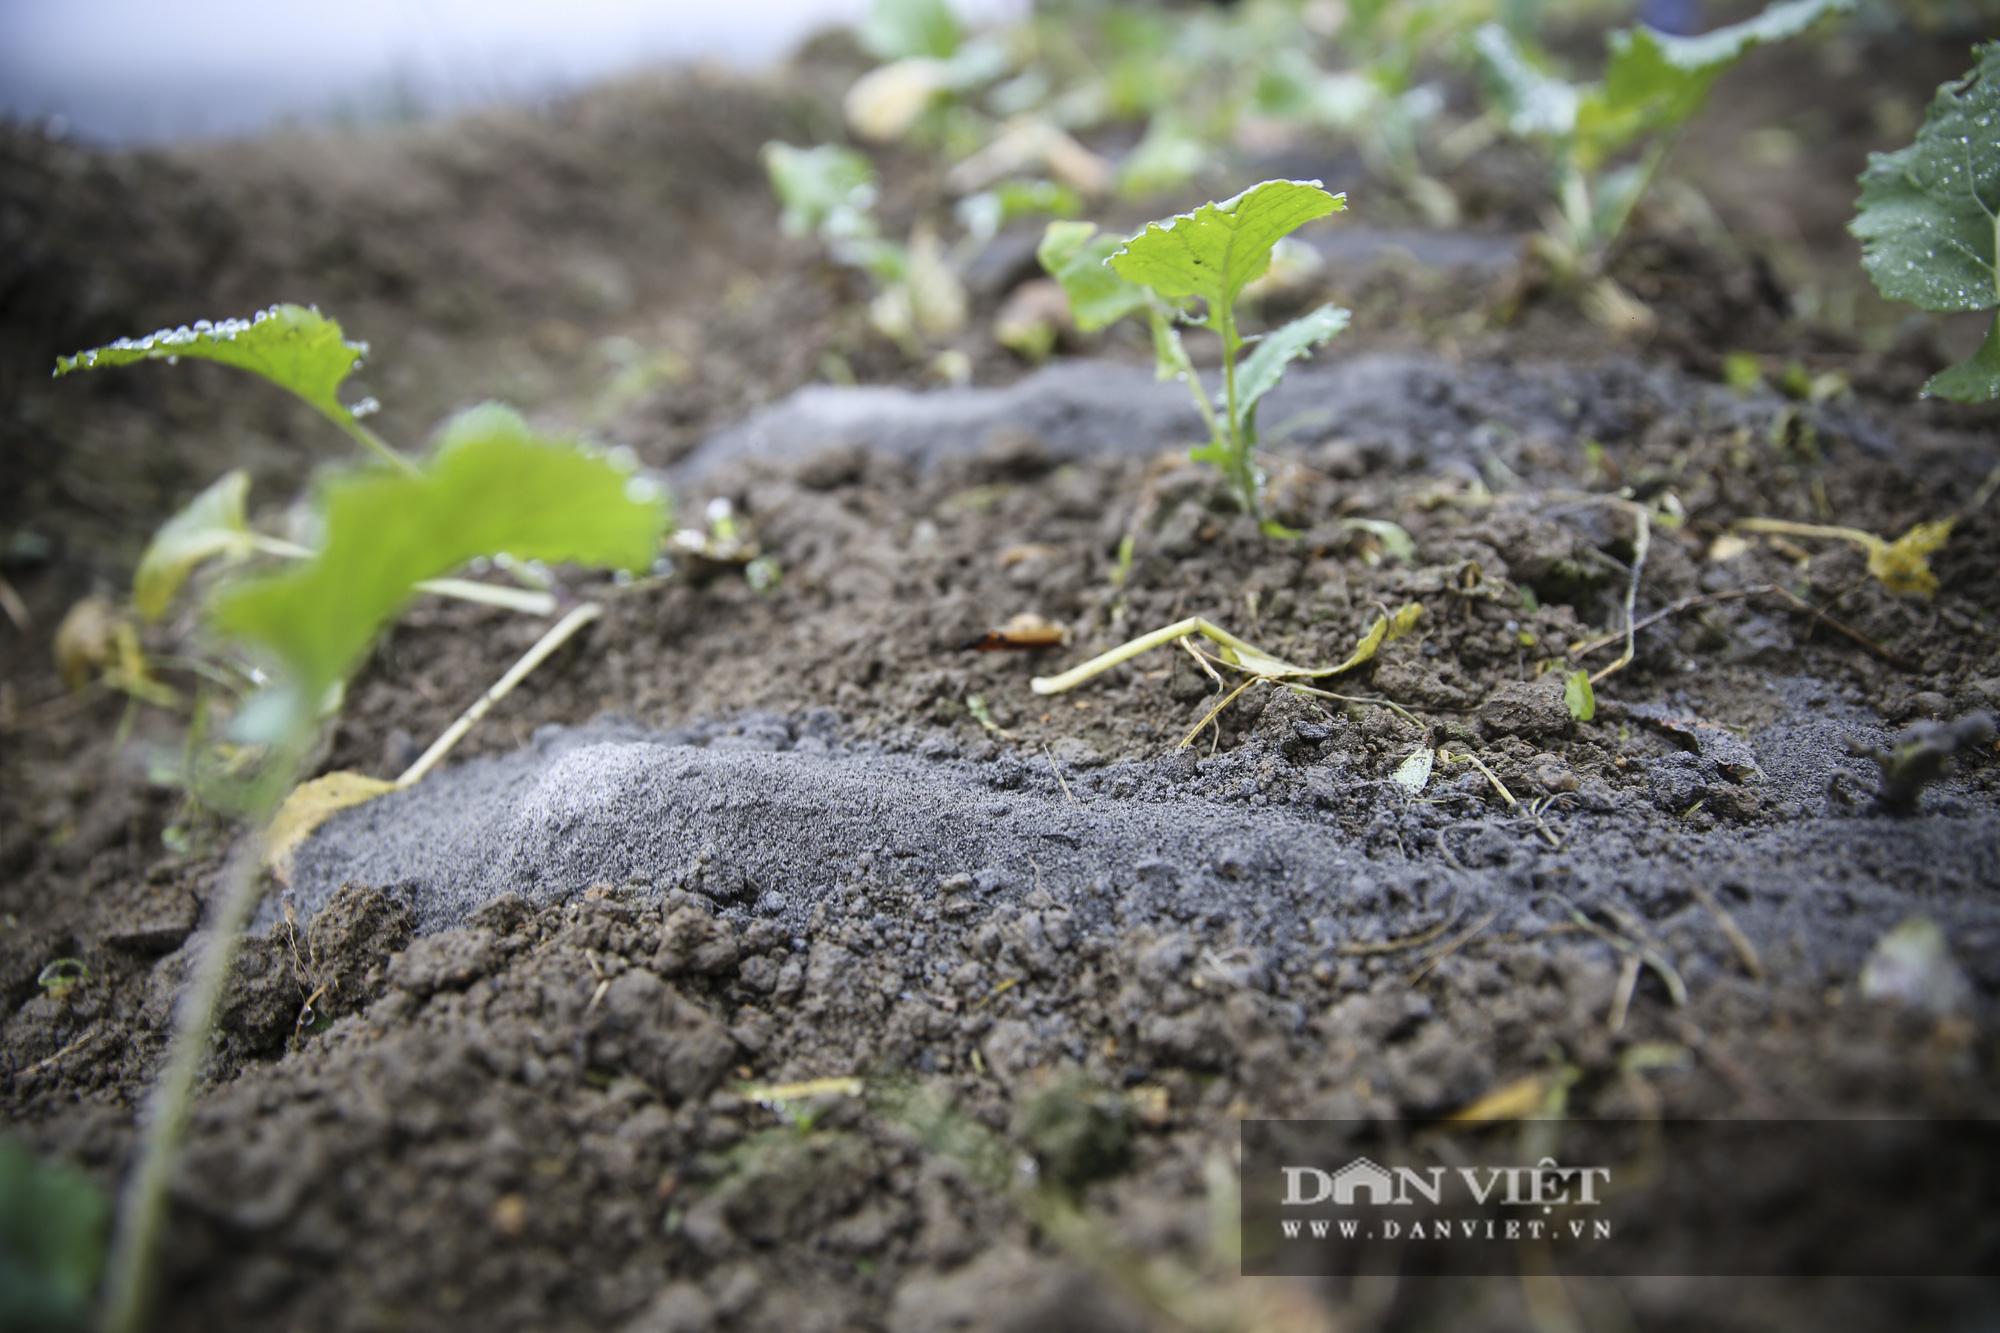 """Nông dân Sa Pa """"căng mình"""" bảo vệ cây trồng, vật nuôi trước nguy cơ xuất hiện mưa tuyết - Ảnh 2."""